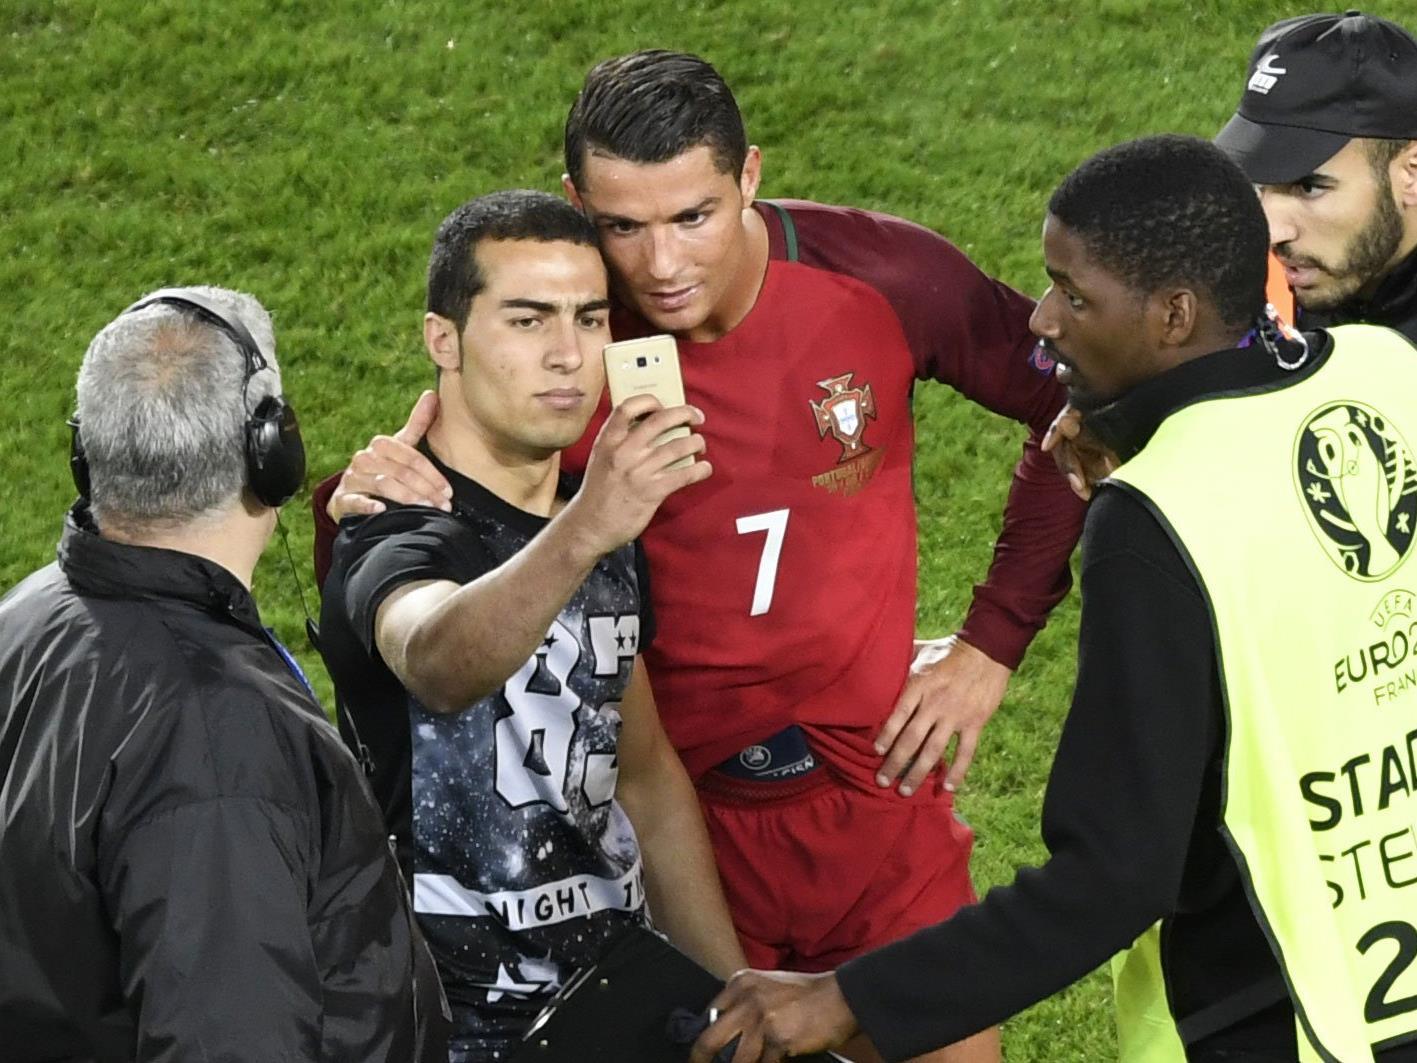 Nach einiger Selfie-Verzögerung posierte der Ronaldo-Fan ganz cool.